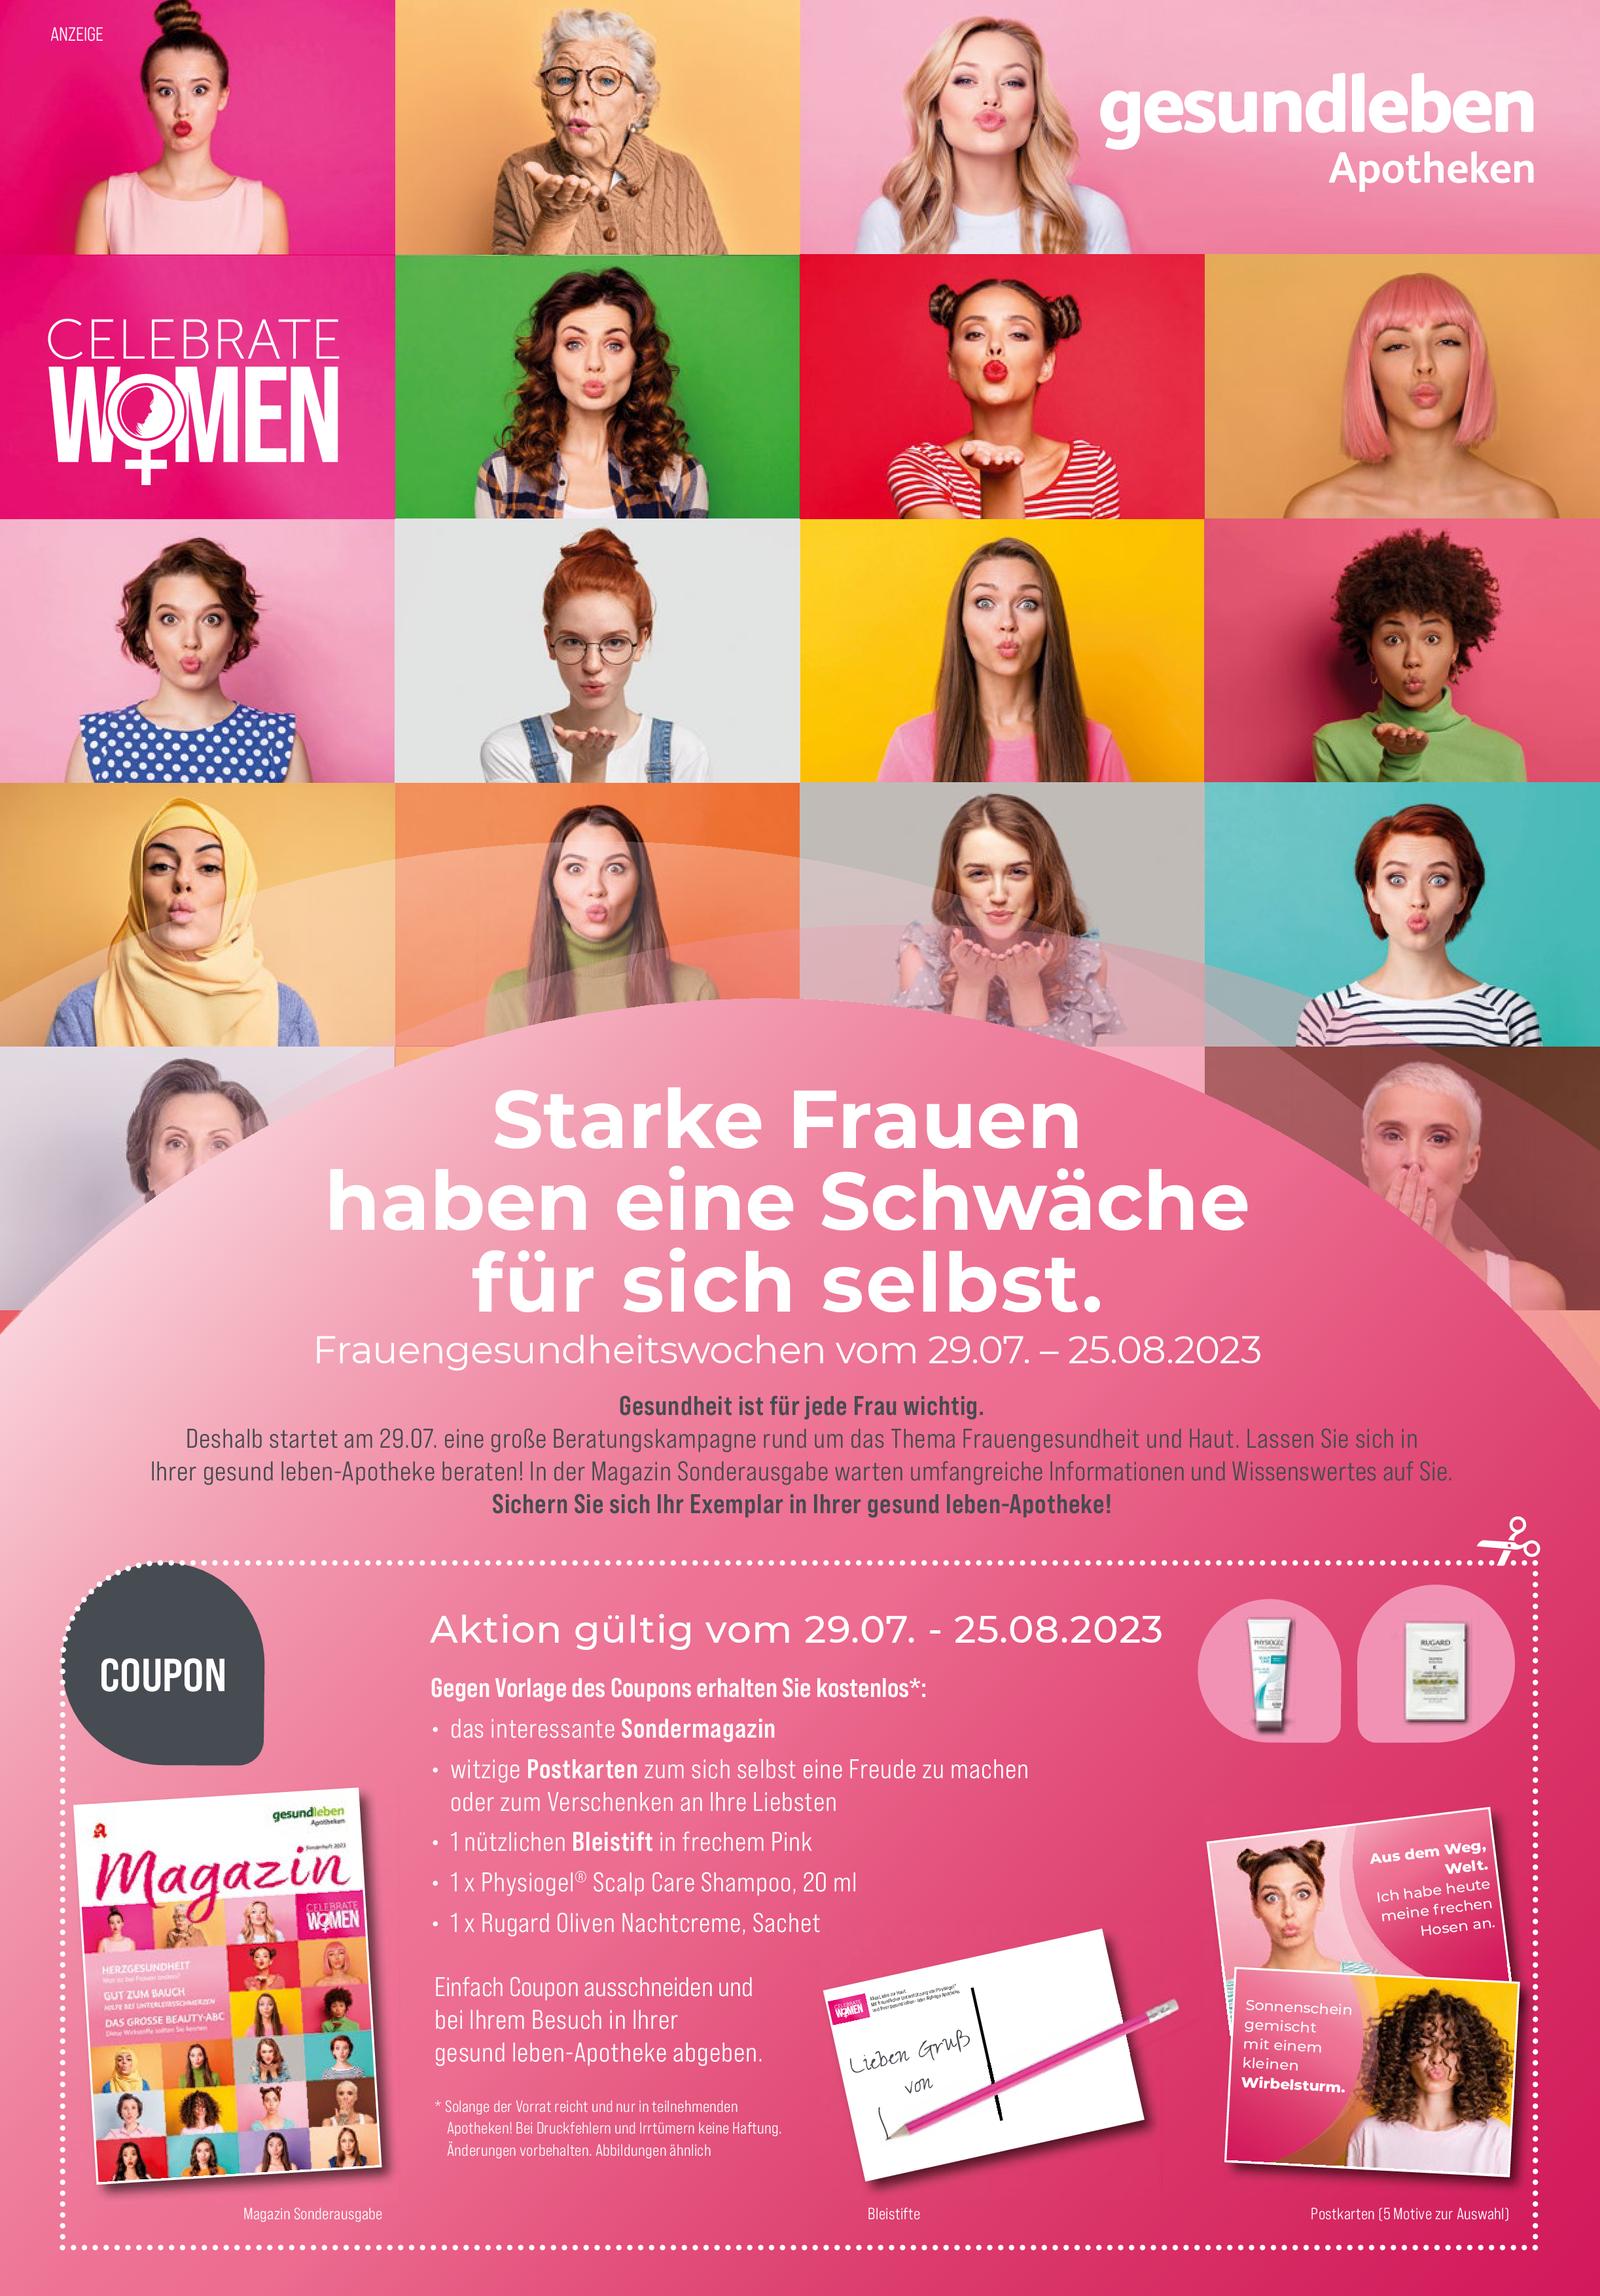 https://mein-uploads.apocdn.net/6655/leaflets/gesundleben_mittel-Seite5.png